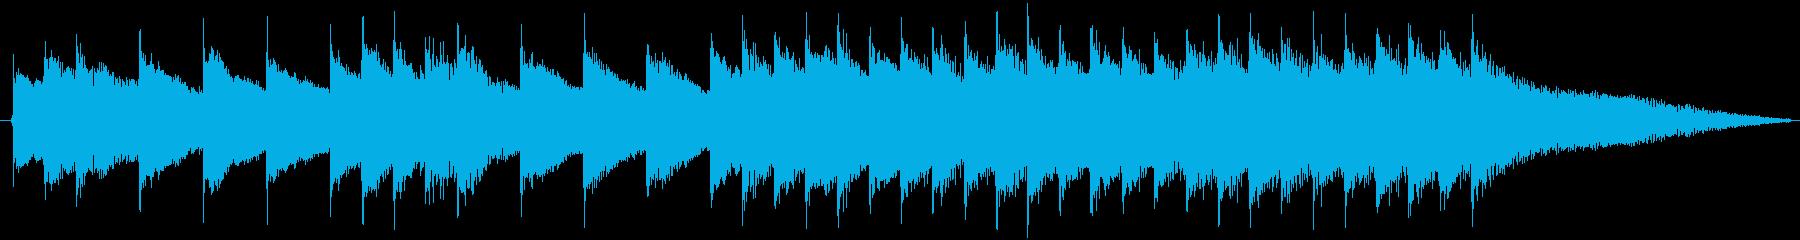 携帯電話の着信音(バッハパルティータ3番の再生済みの波形